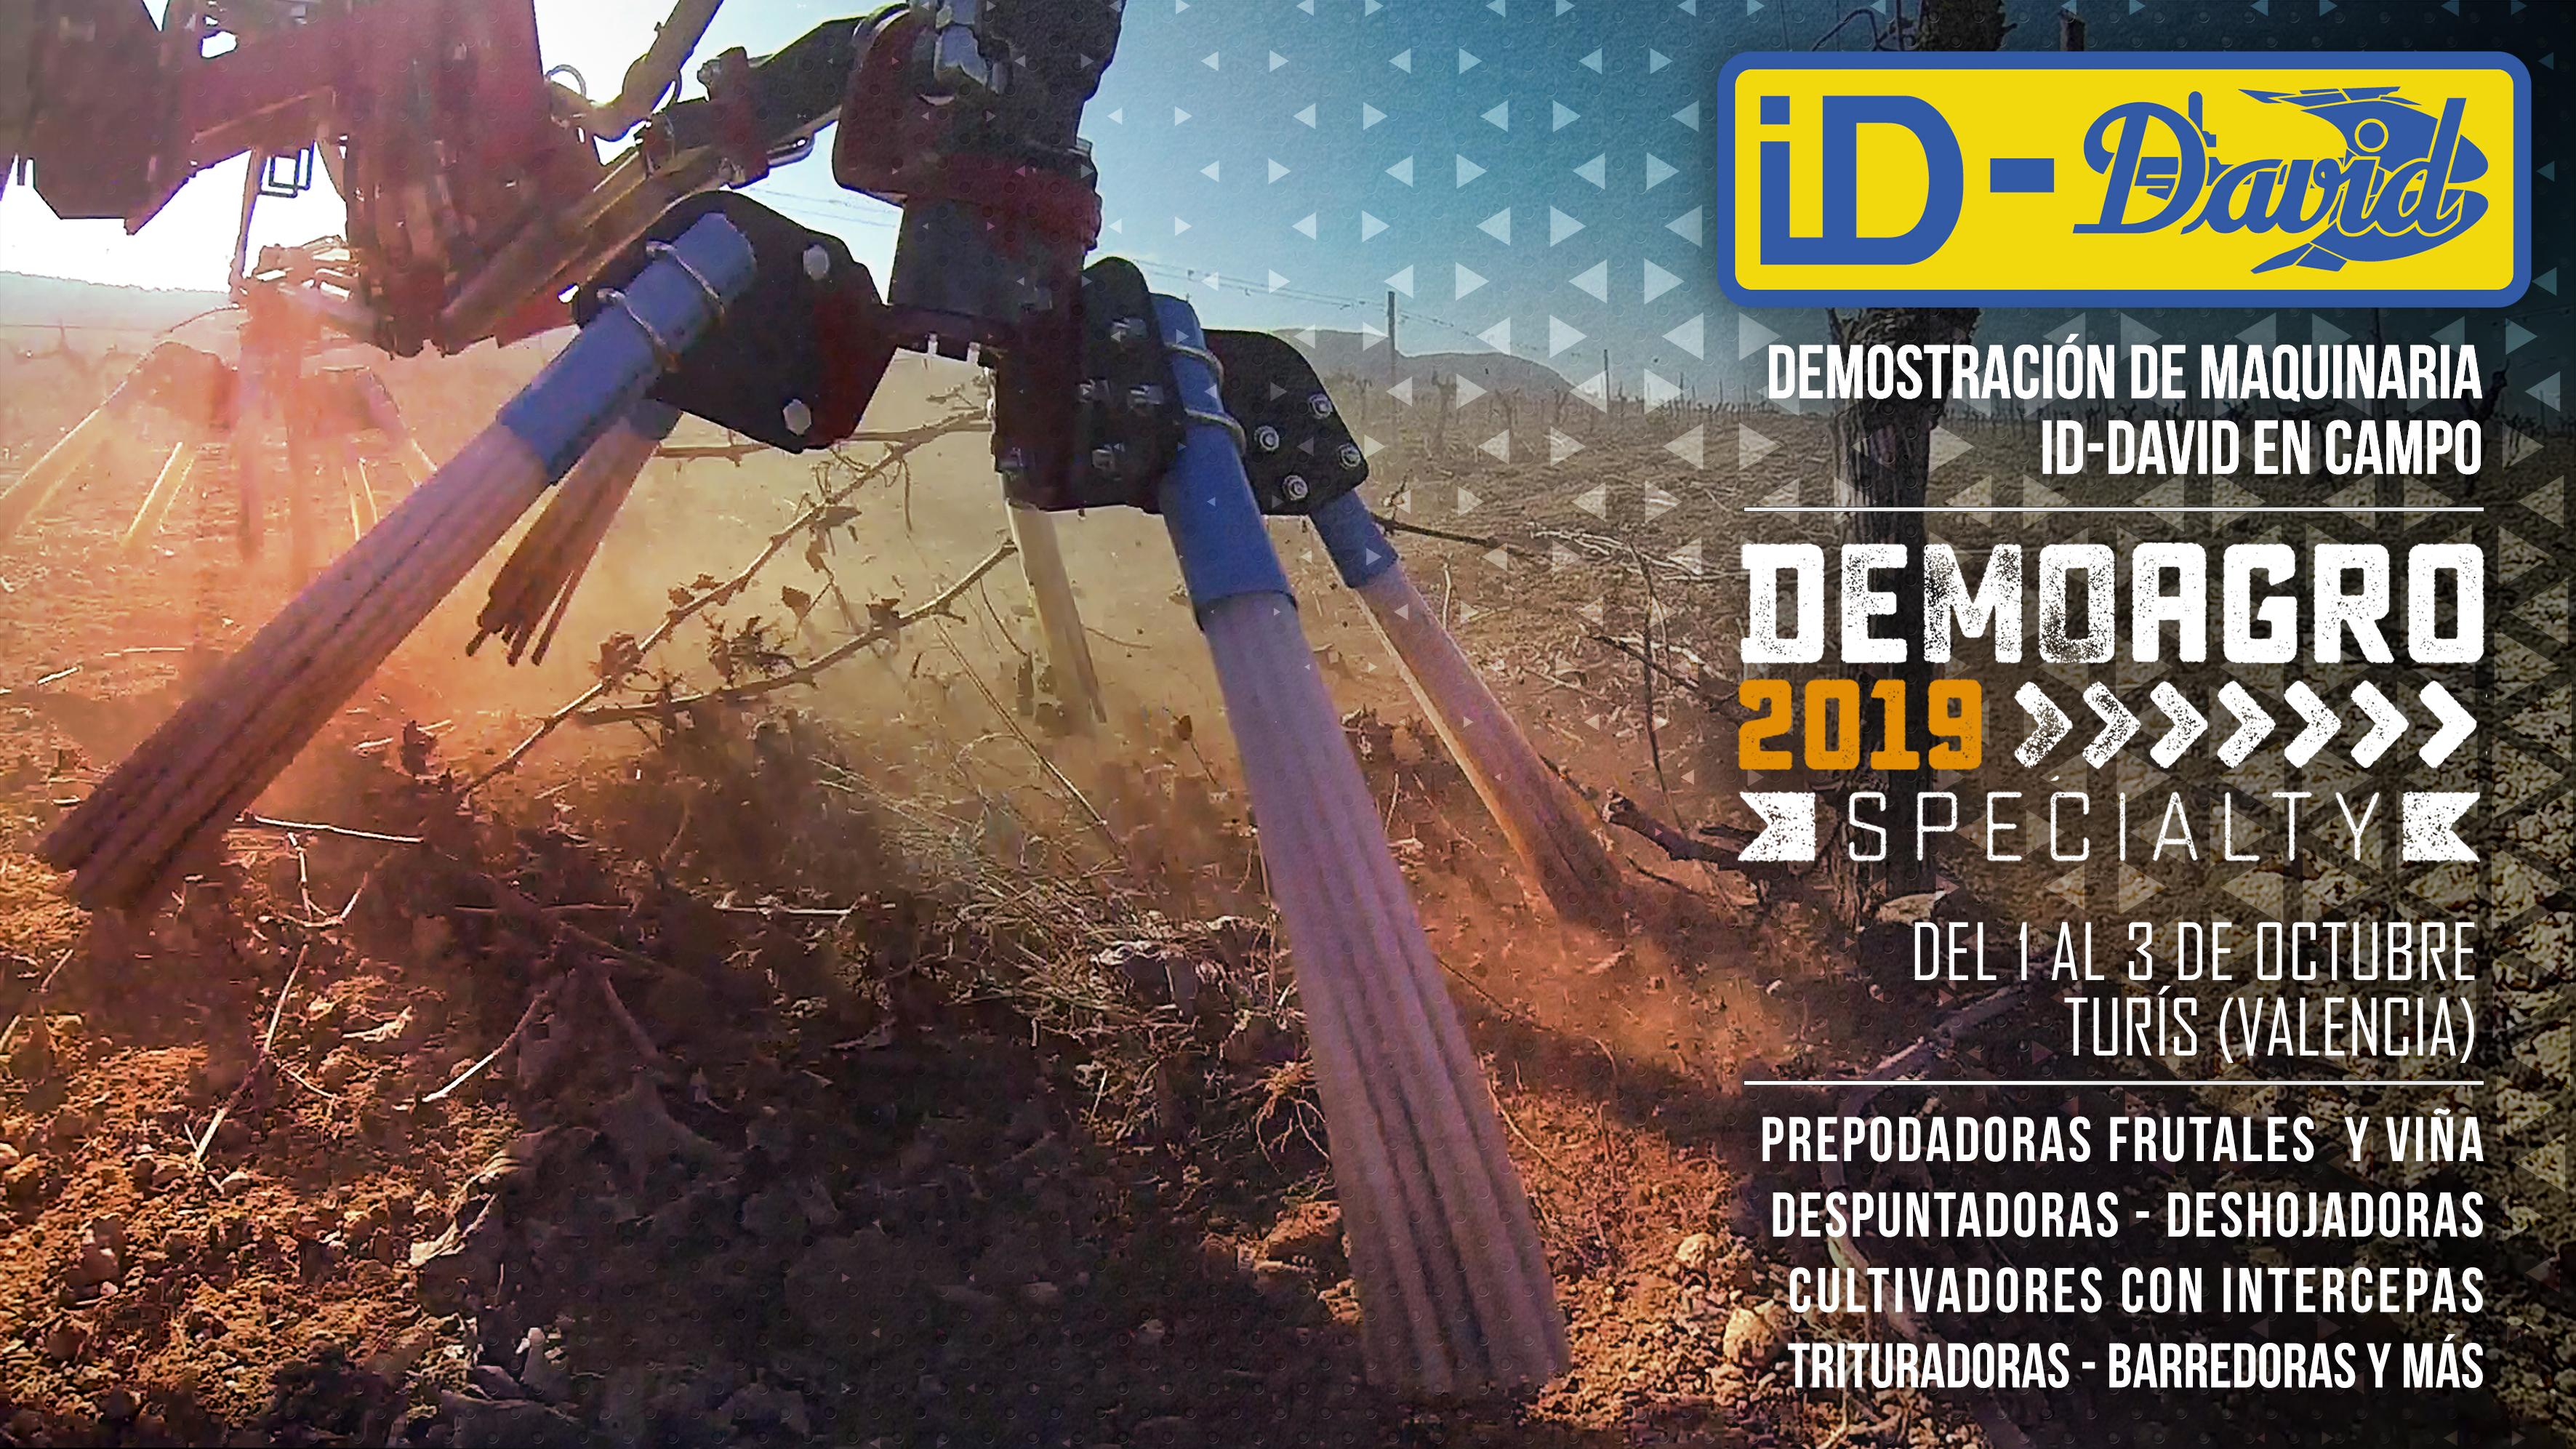 Demostración de maquinaria ID-David en campo en Demoagro Speciality 2019